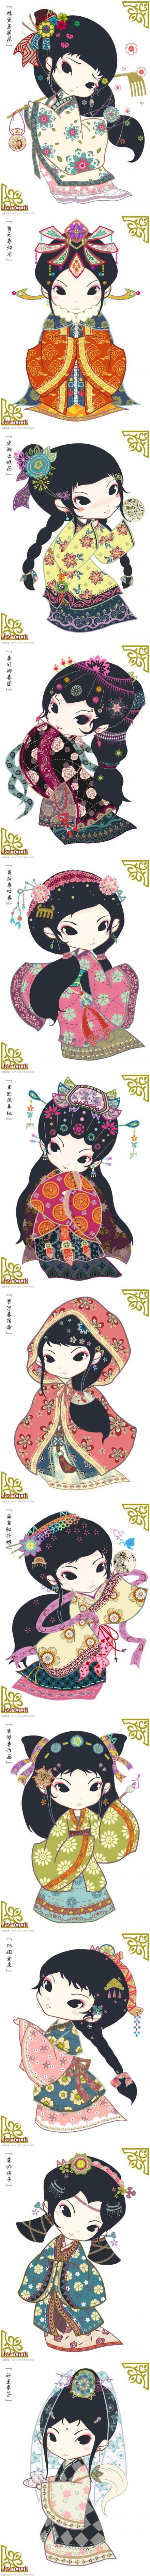 Pinspire - Pin de Iris Seijo:dolls